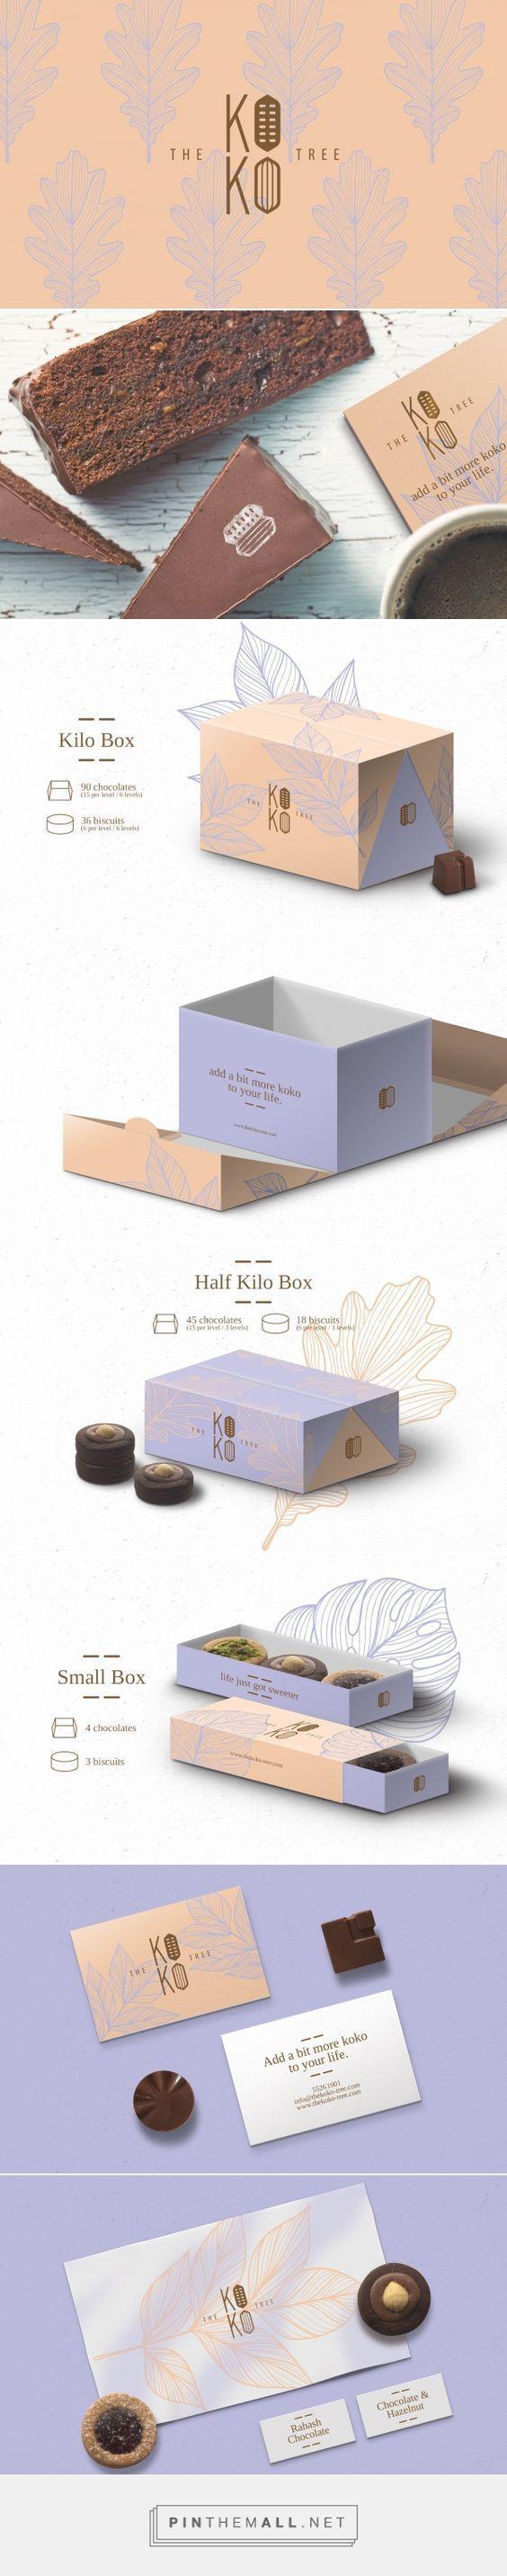 sweet branding/packaging